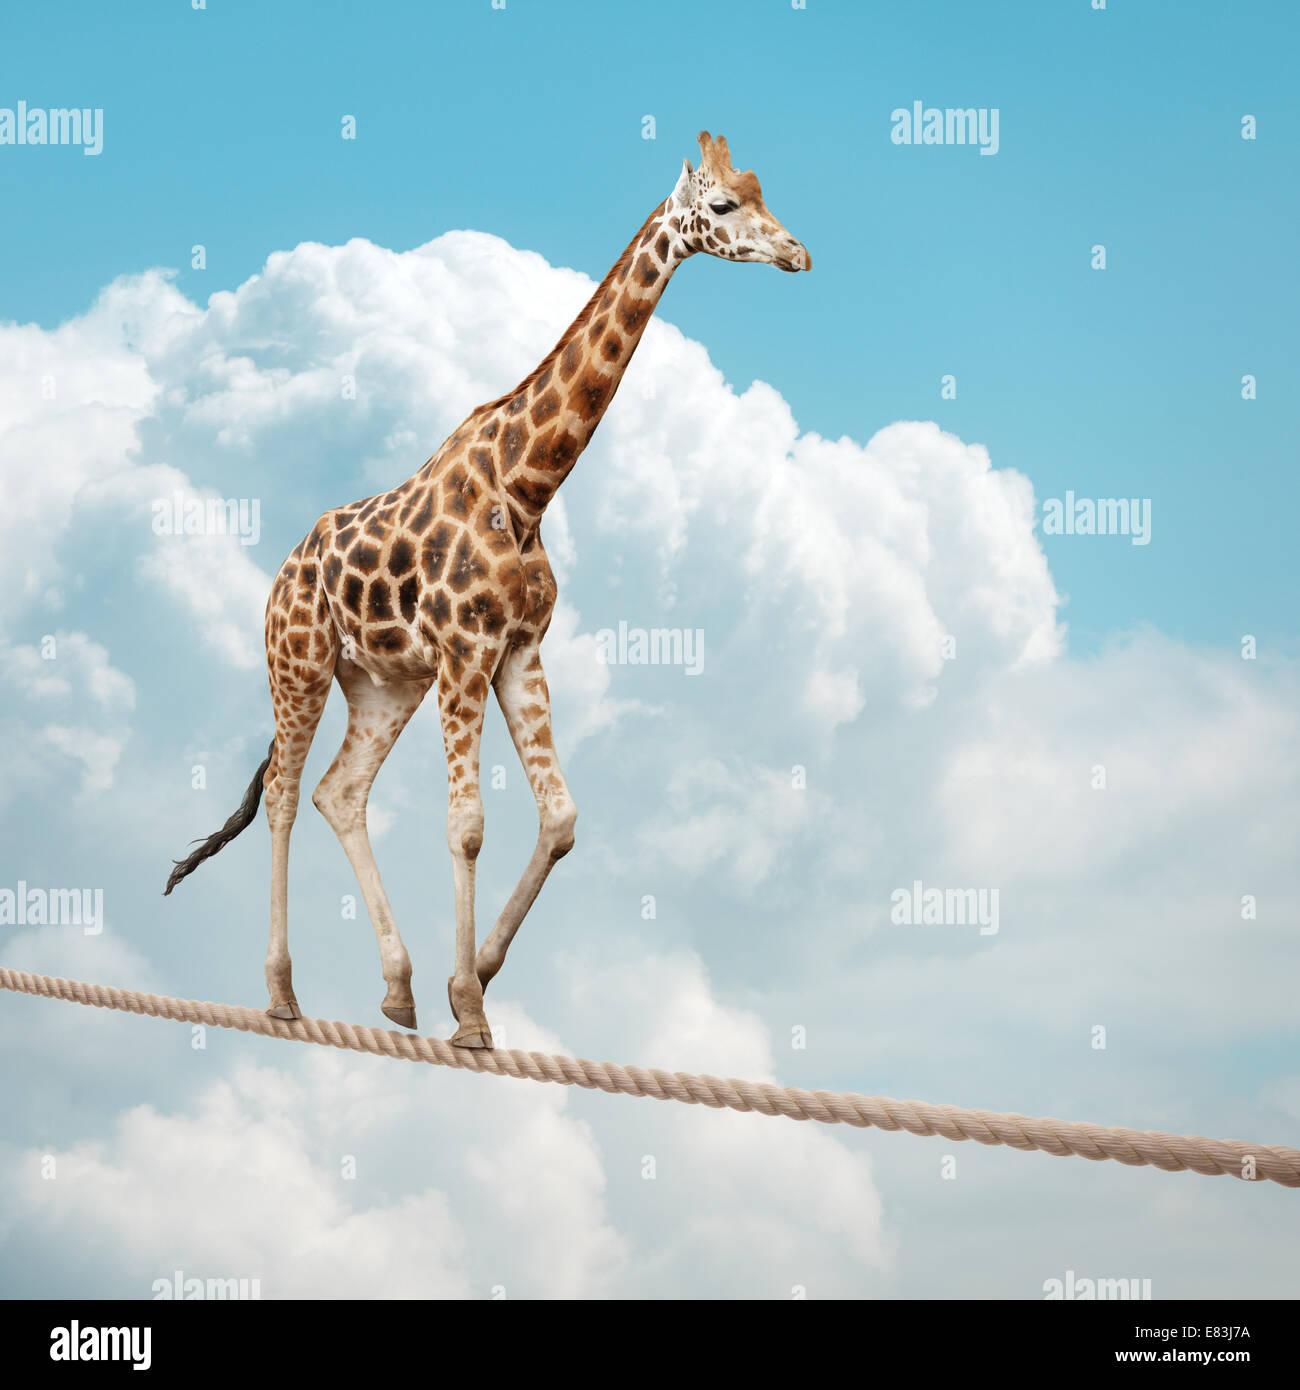 Girafe en équilibre sur une corde raide Photo Stock